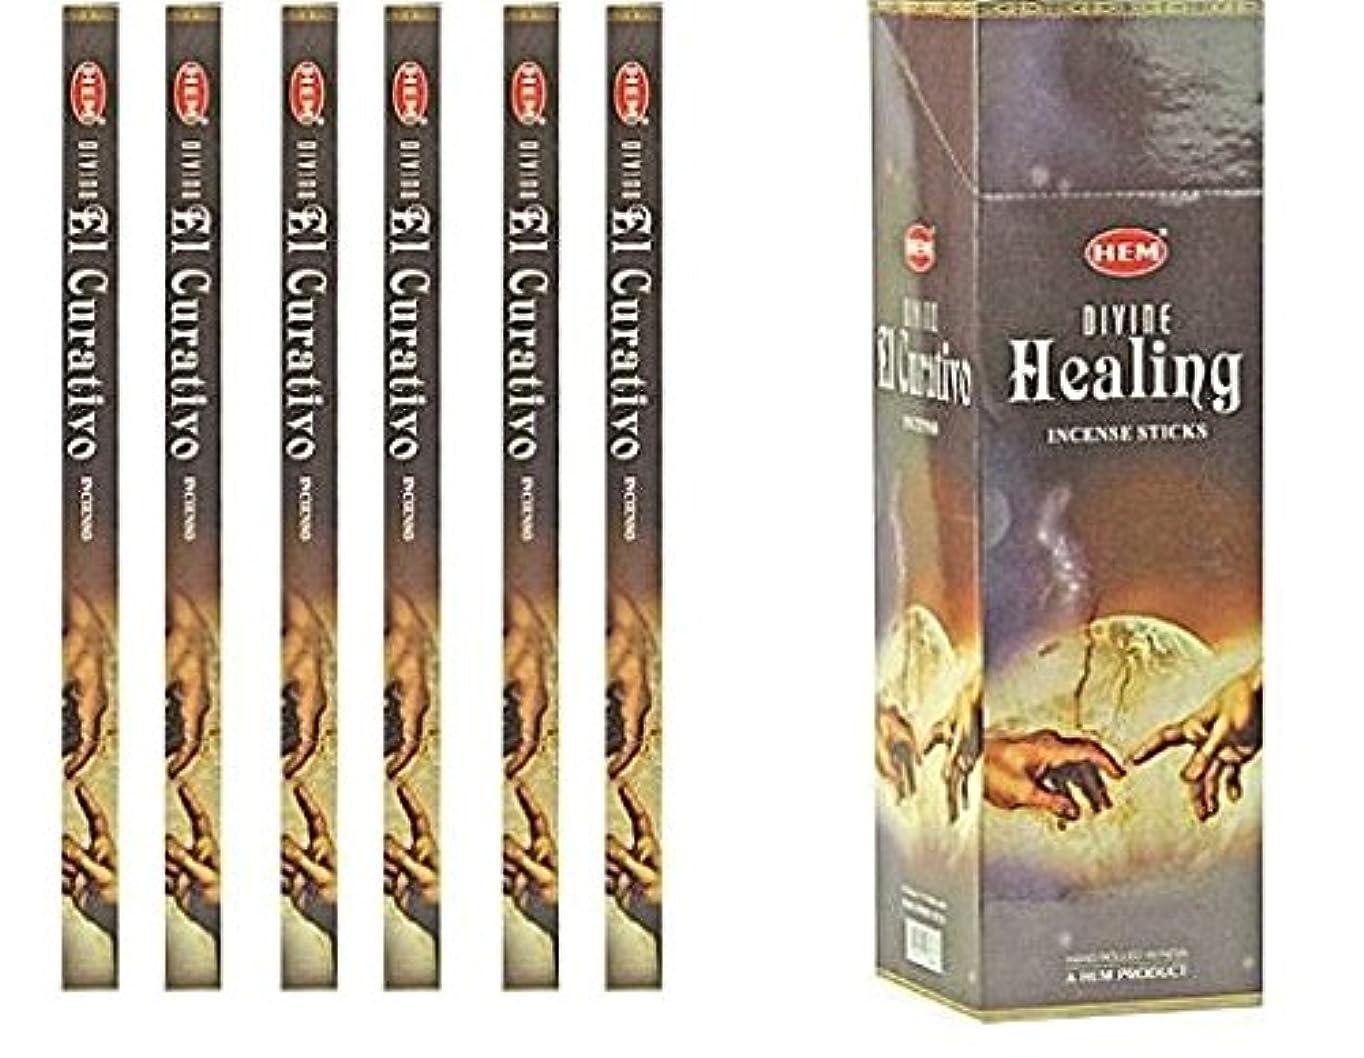 担当者スペルヘロインインドHem Divine Healing Incense 6パックX 8スティック、Wicca Pagan 8 Gm正方形ボックス